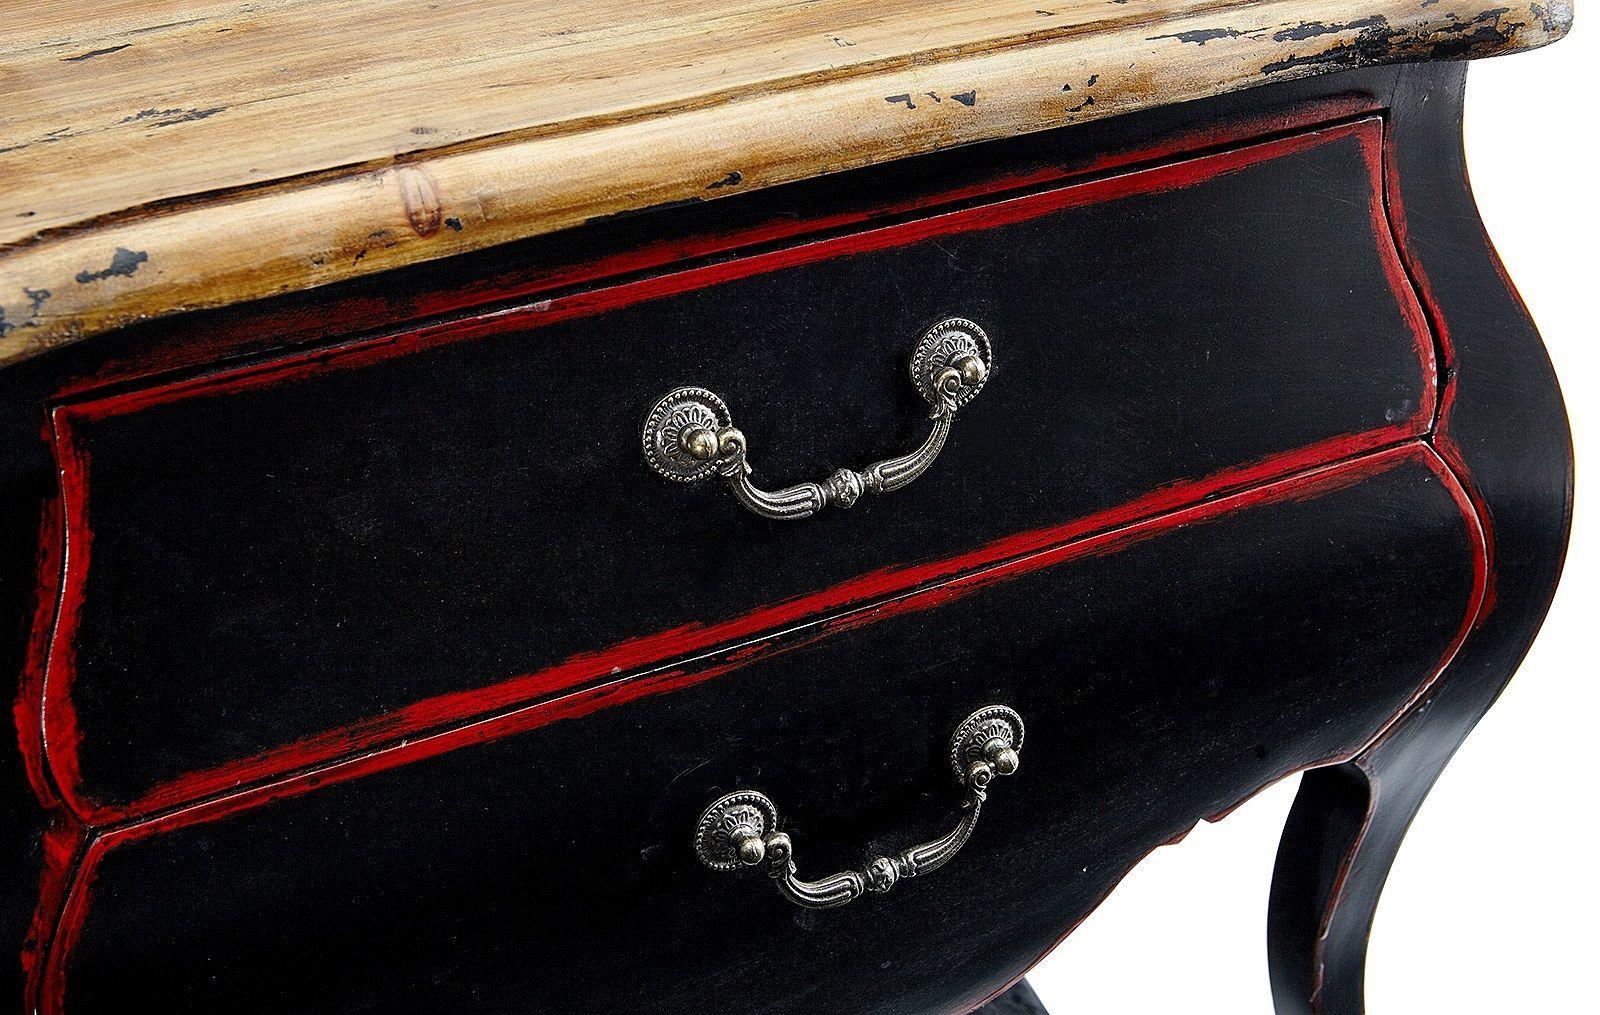 Тумбочка прикроватная ESF FL 4016 black/red (черный/красный)